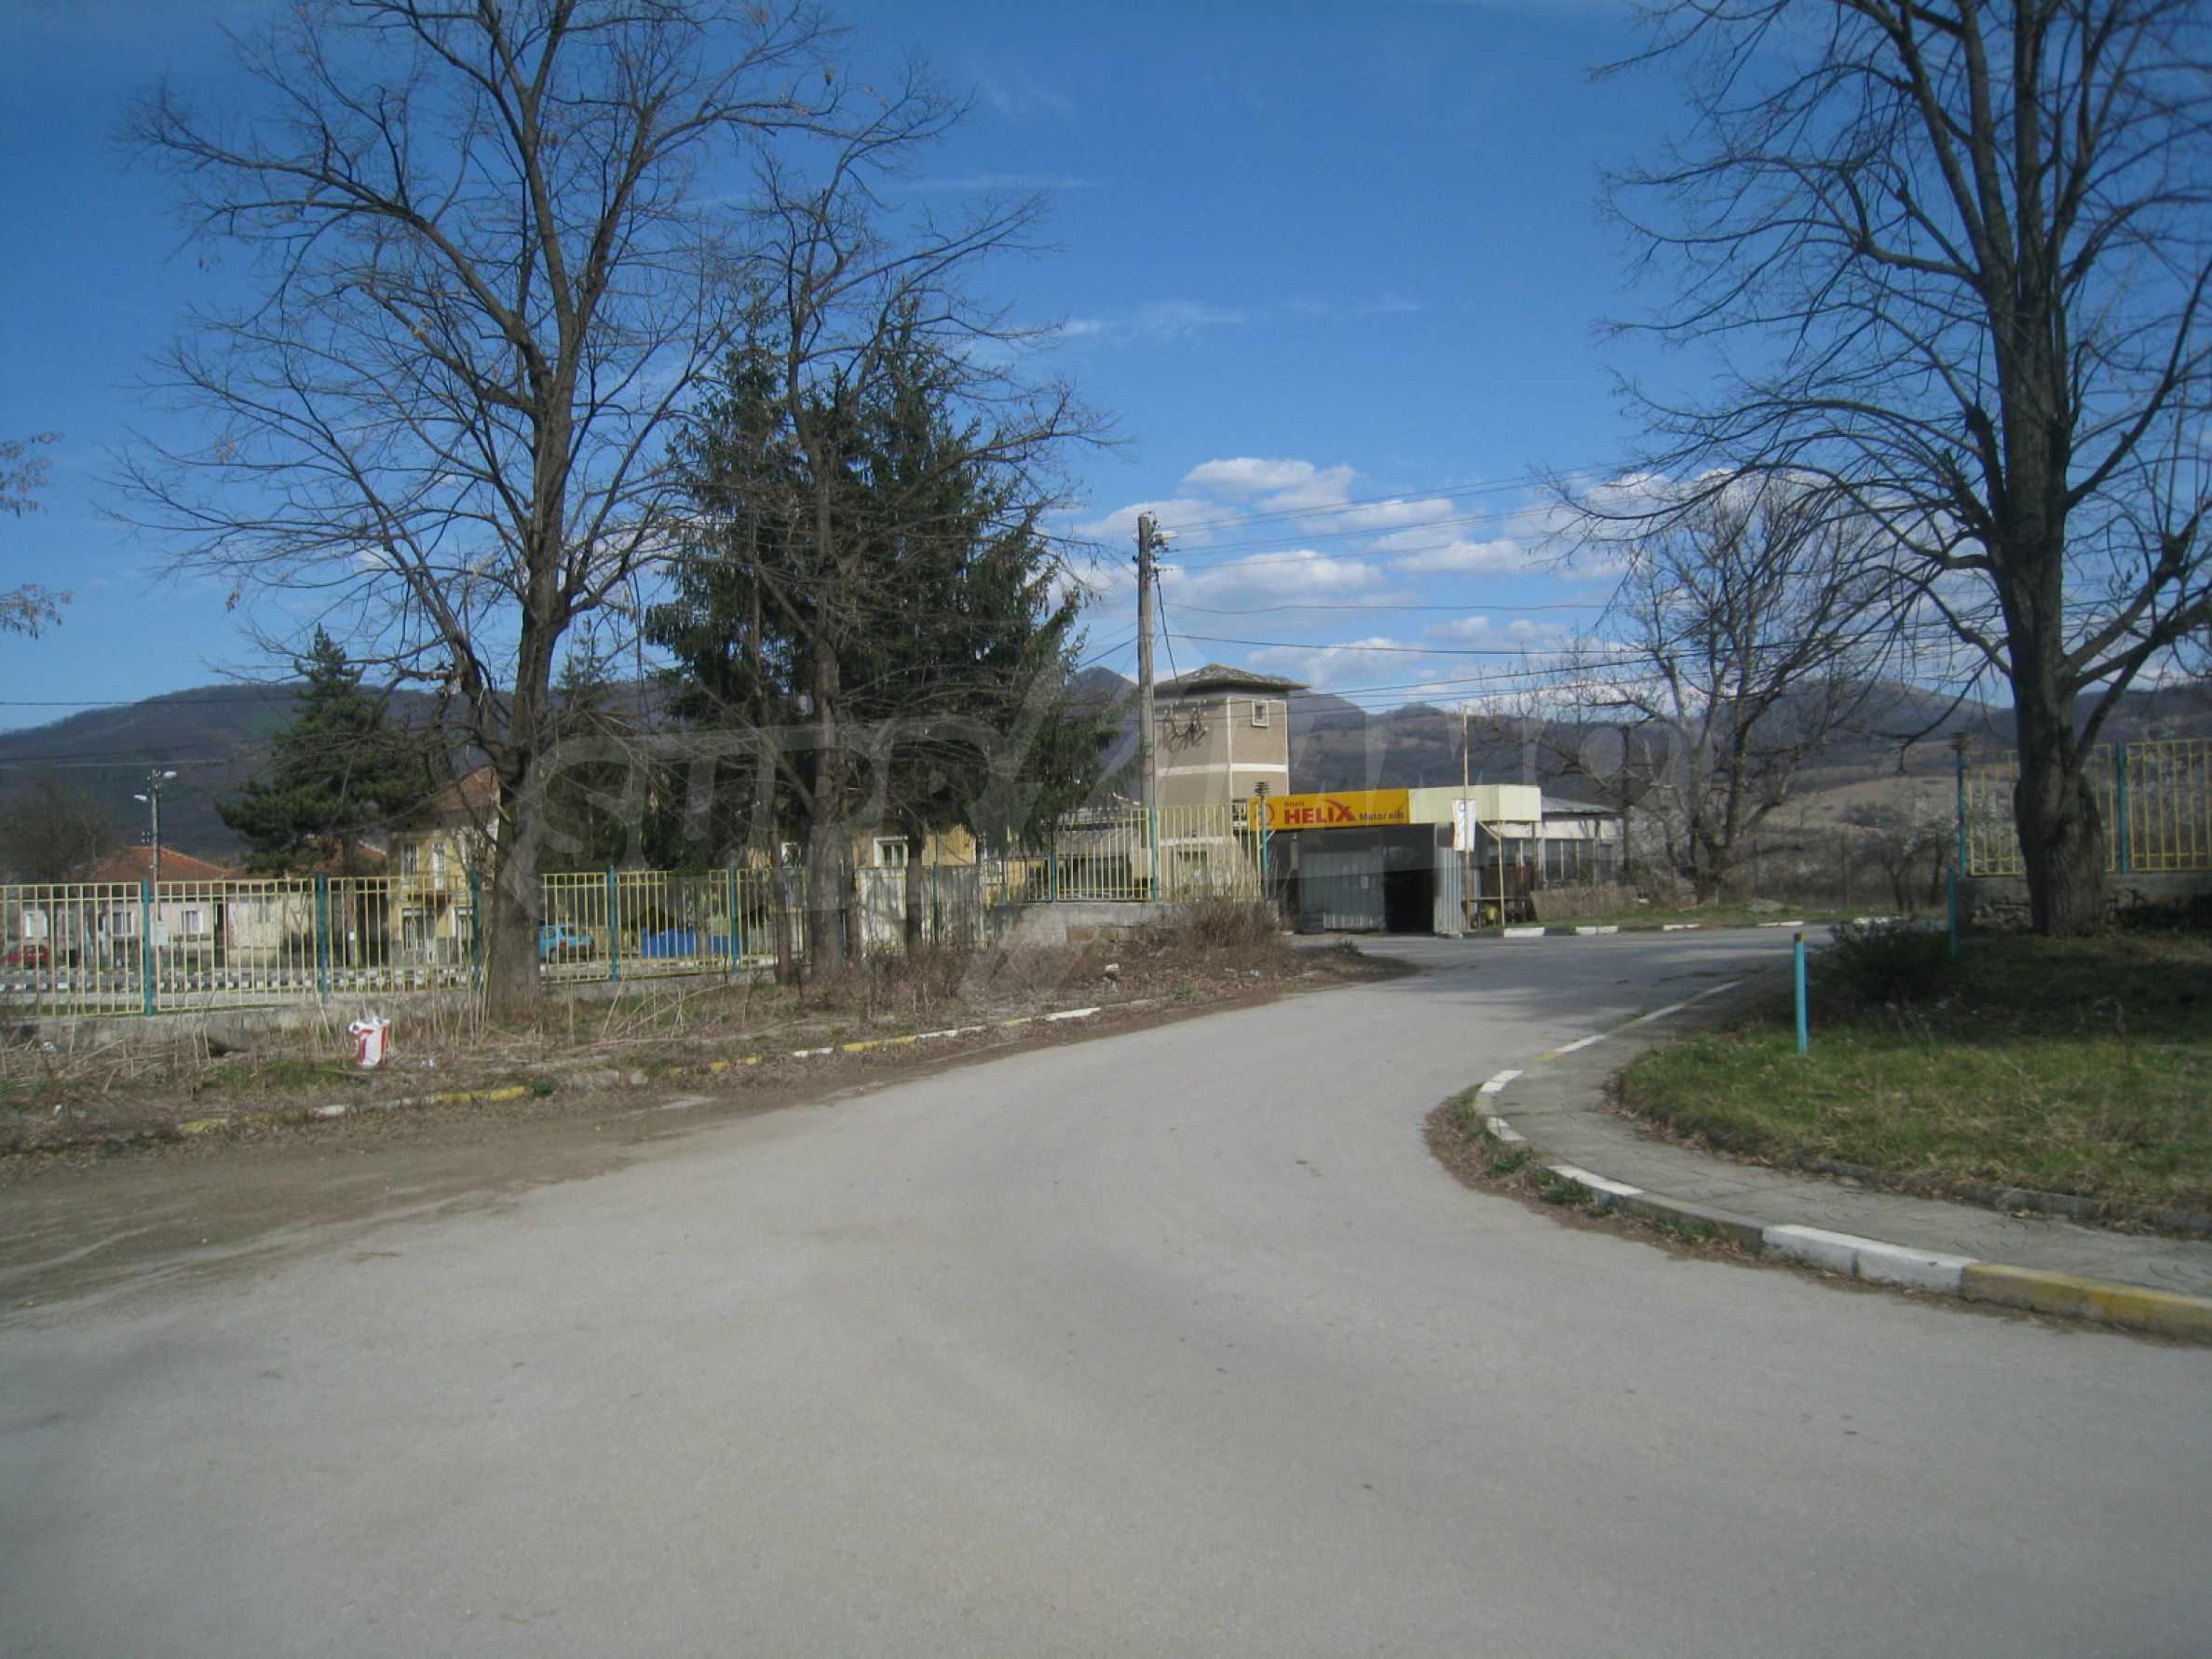 Hotelanlage mit Schwimmbad, Tankstelle und großem Grundstück in Etropole 45